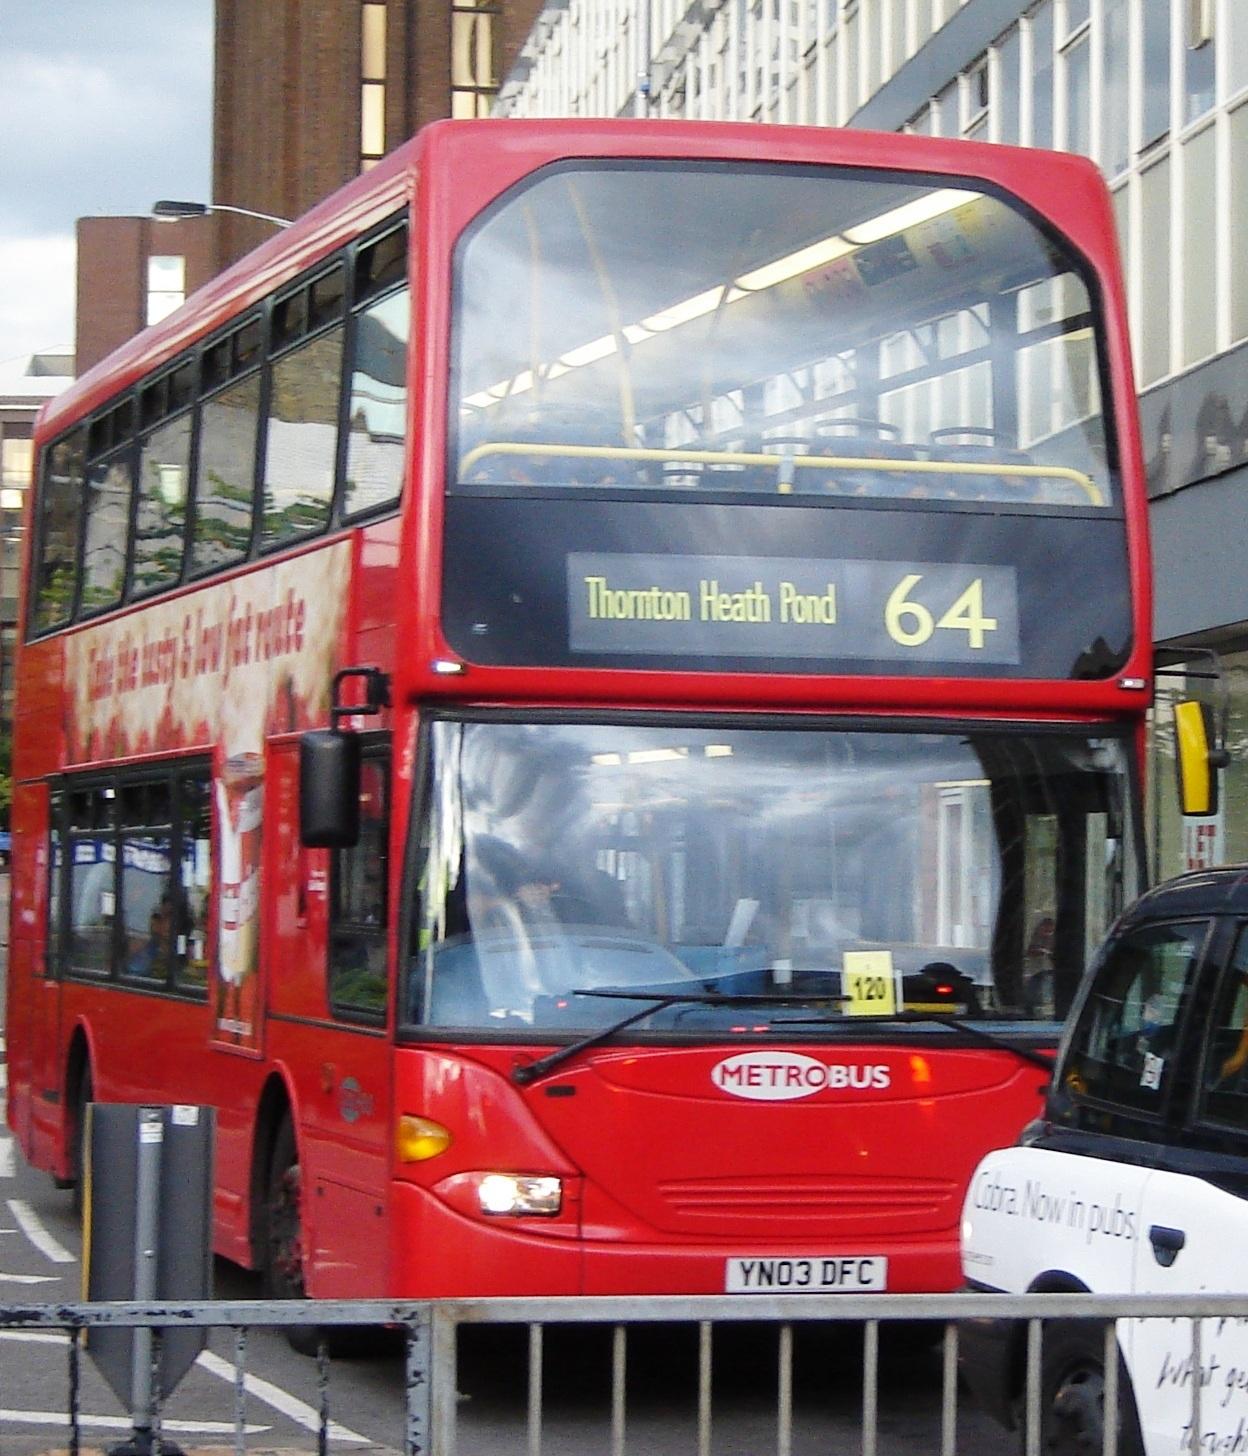 File Metrobus 456 Yn03 Dfc On Route 64 Jpg